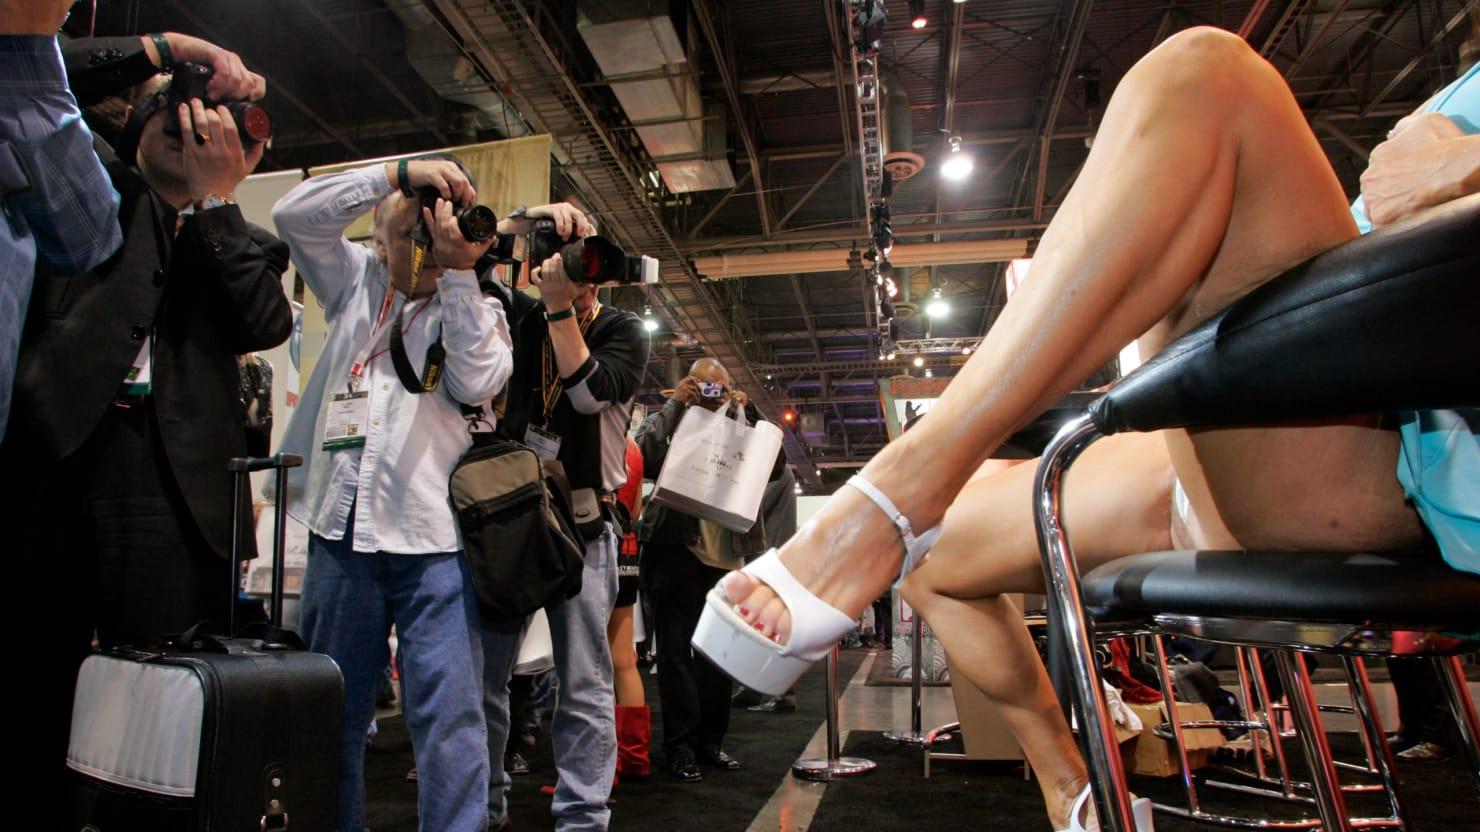 Porn Expo Sues Dallas Over Convention Center Ban-2899